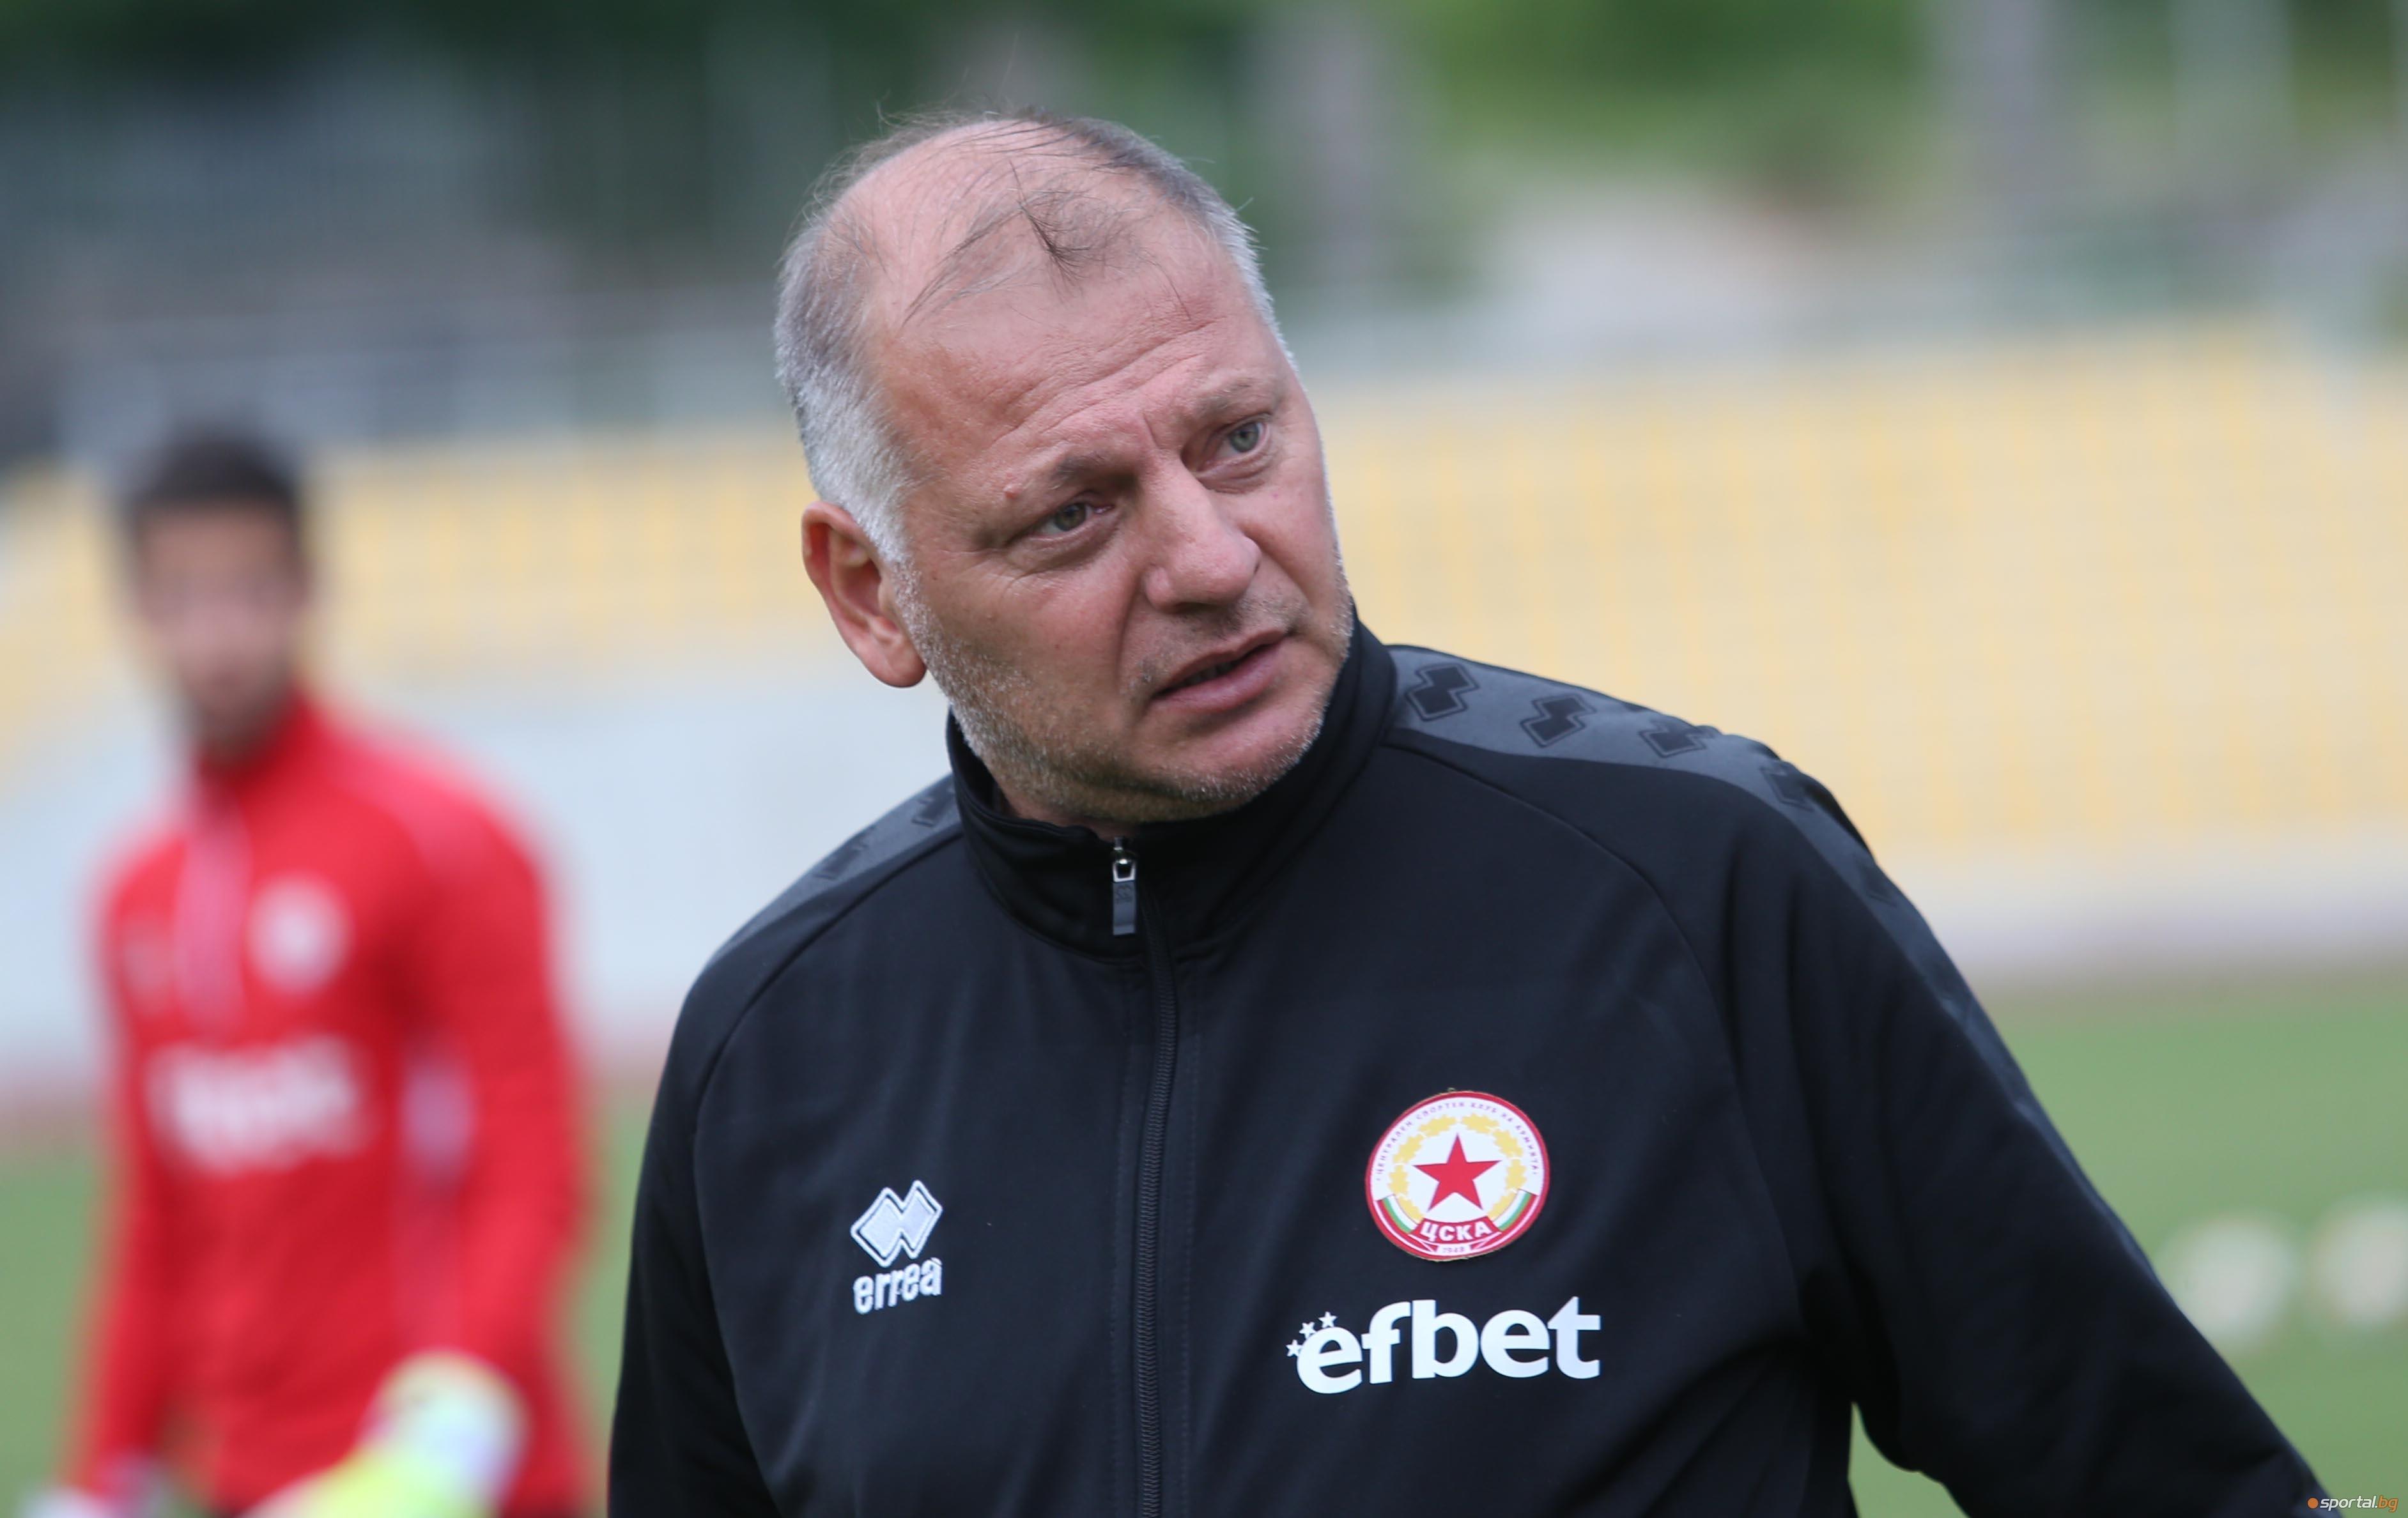 Петко Петков вече не е старши треньор на ЦСКА 1948.